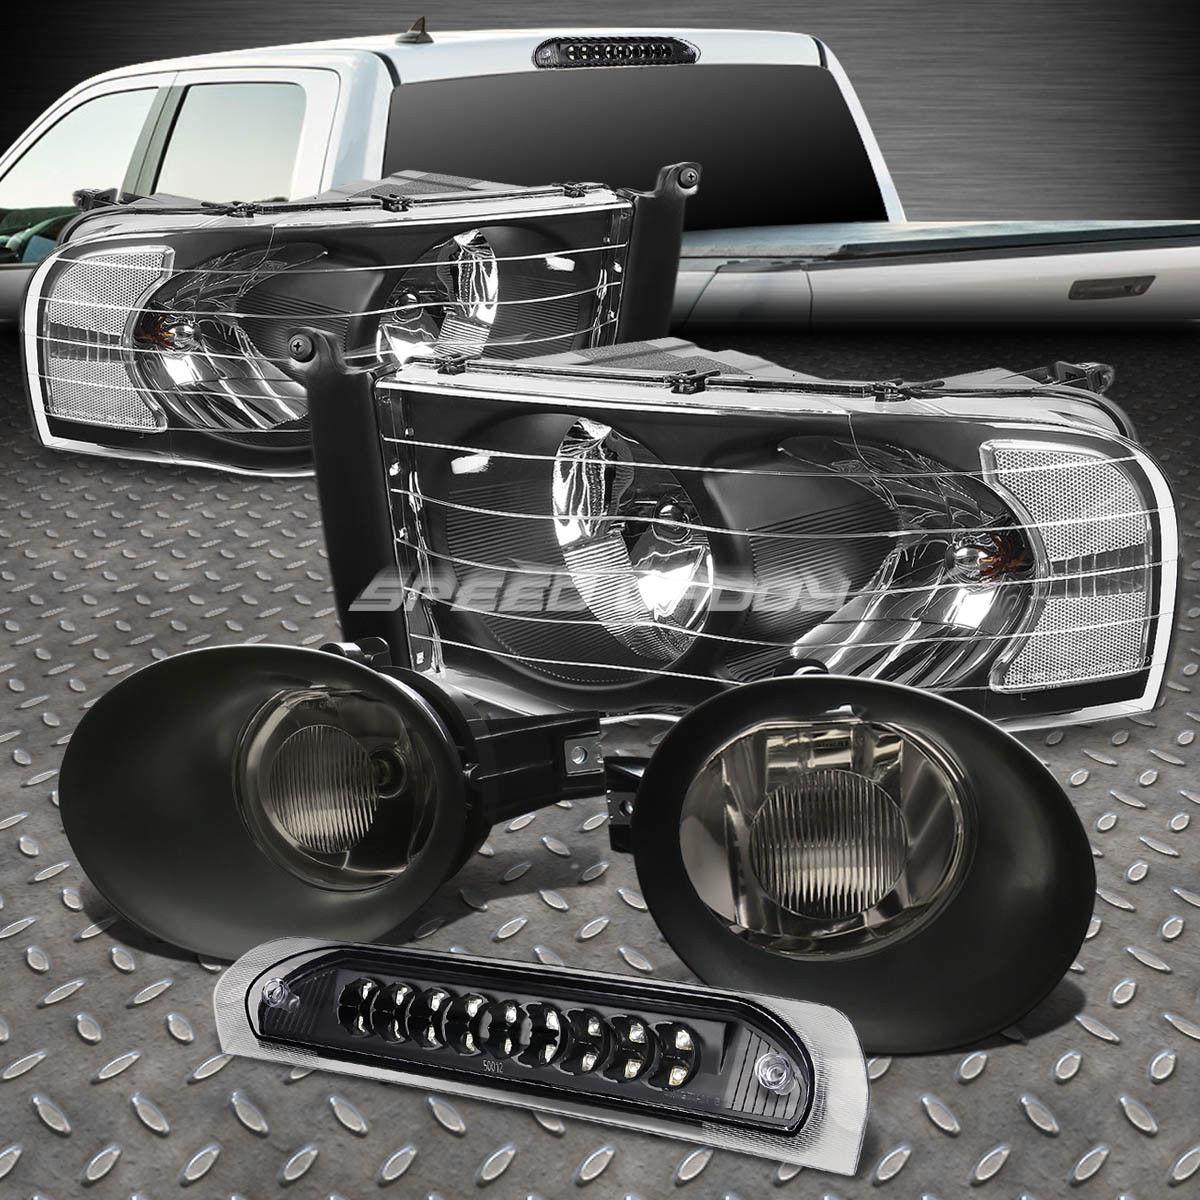 フォグライト BLACK HEAD LIGHT+LED 3RD BRAKE+SMOKED FOG LAMPS+WIRING KIT FOR 02-05 DODGE RAM BLACK HEAD LIGHT + LED 3RD BRAKE + SMOOKED FOG LAMPS + 02-05 DODGE RAM用ワイヤーキット